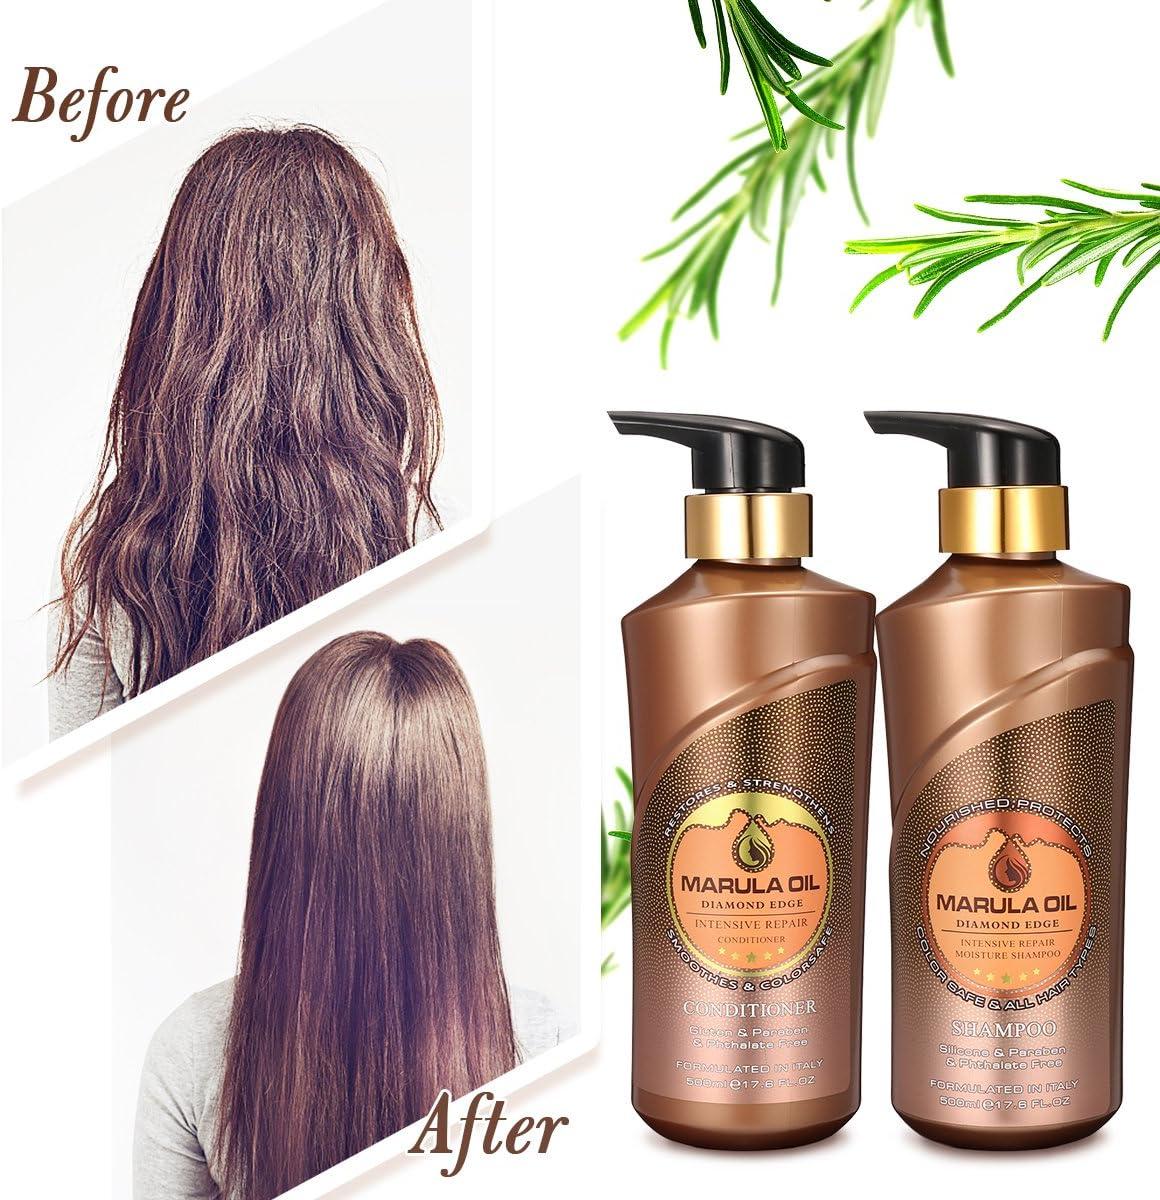 Luckyfine Kit Champú y Acondicionador - 2 botellas x 500 ml | Rico en Aceite de Marula, Tratamiento nutritivo y profunda para el cabello, reparación pelo, dejan el cabello suave, brillante y